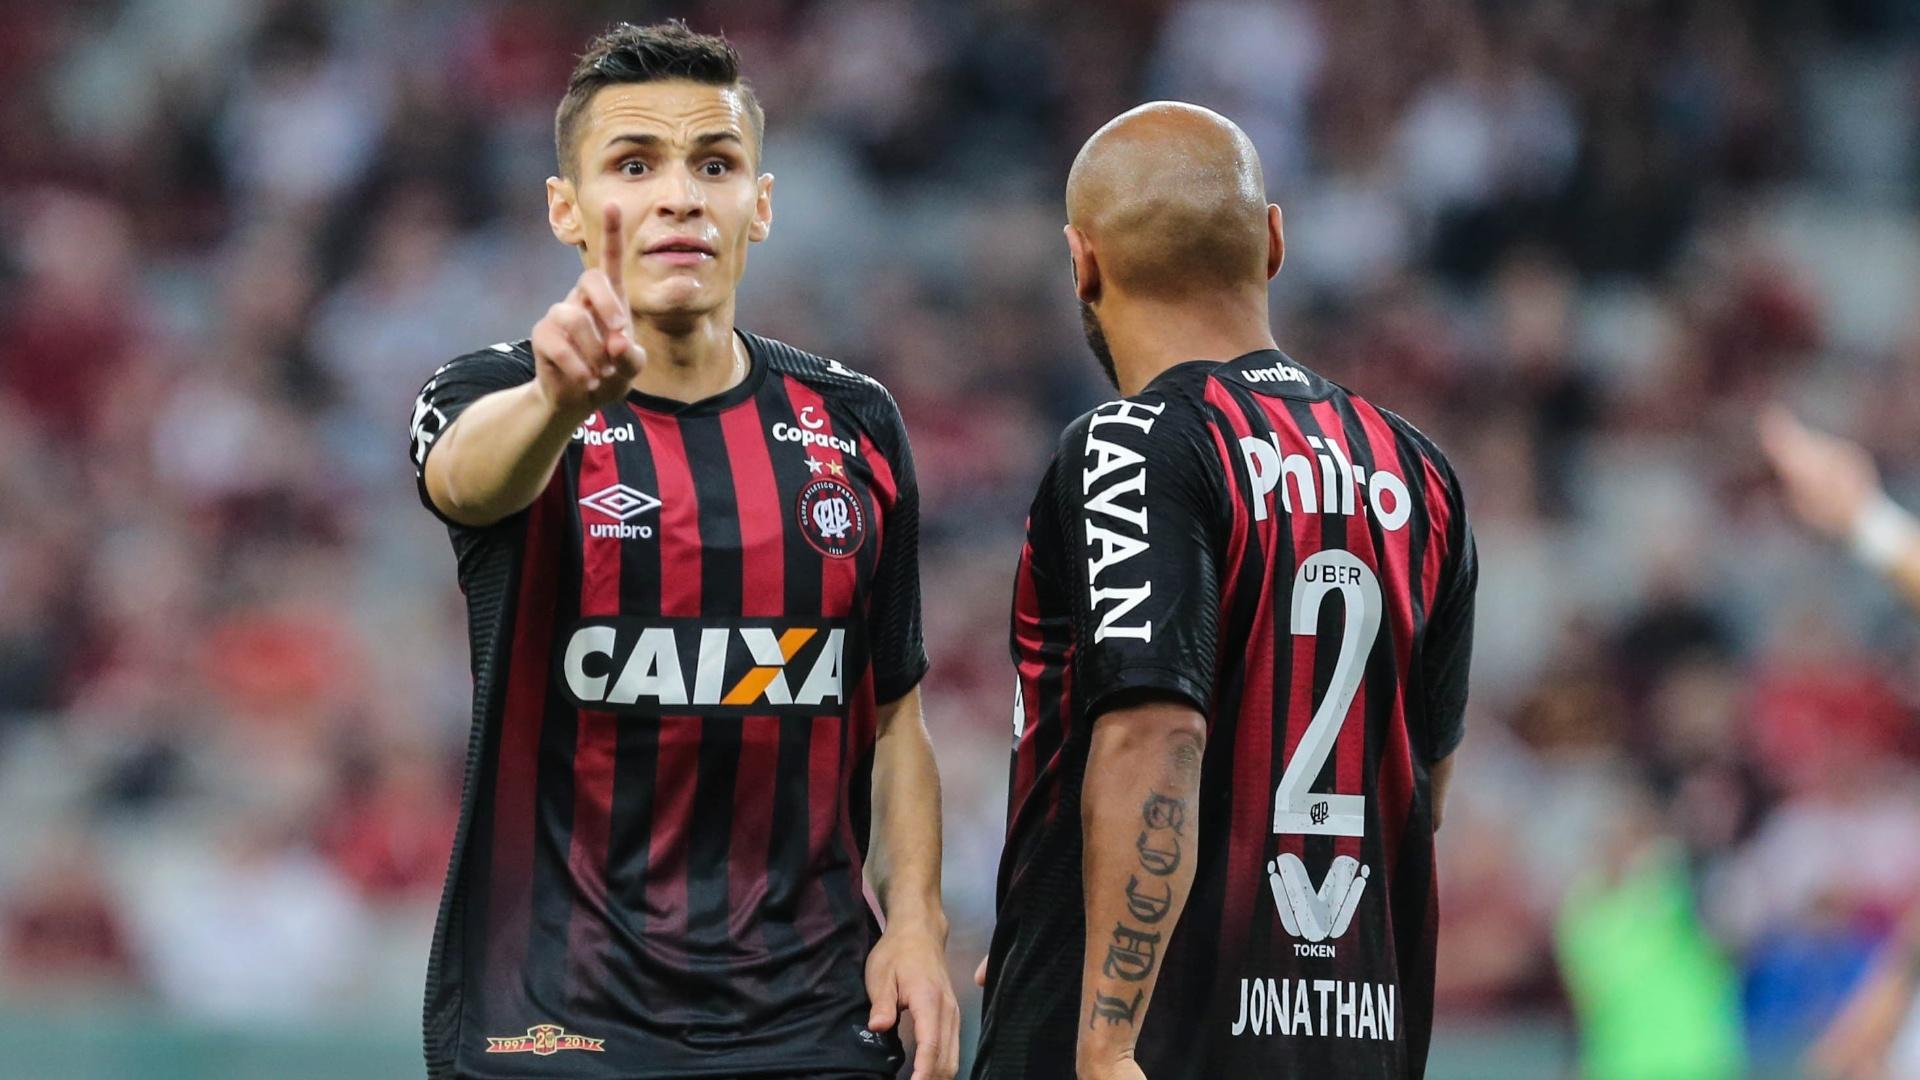 Raphael Veiga comemora gol do Atlético-PR contra o Vasco, pelo Campeonato Brasileiro